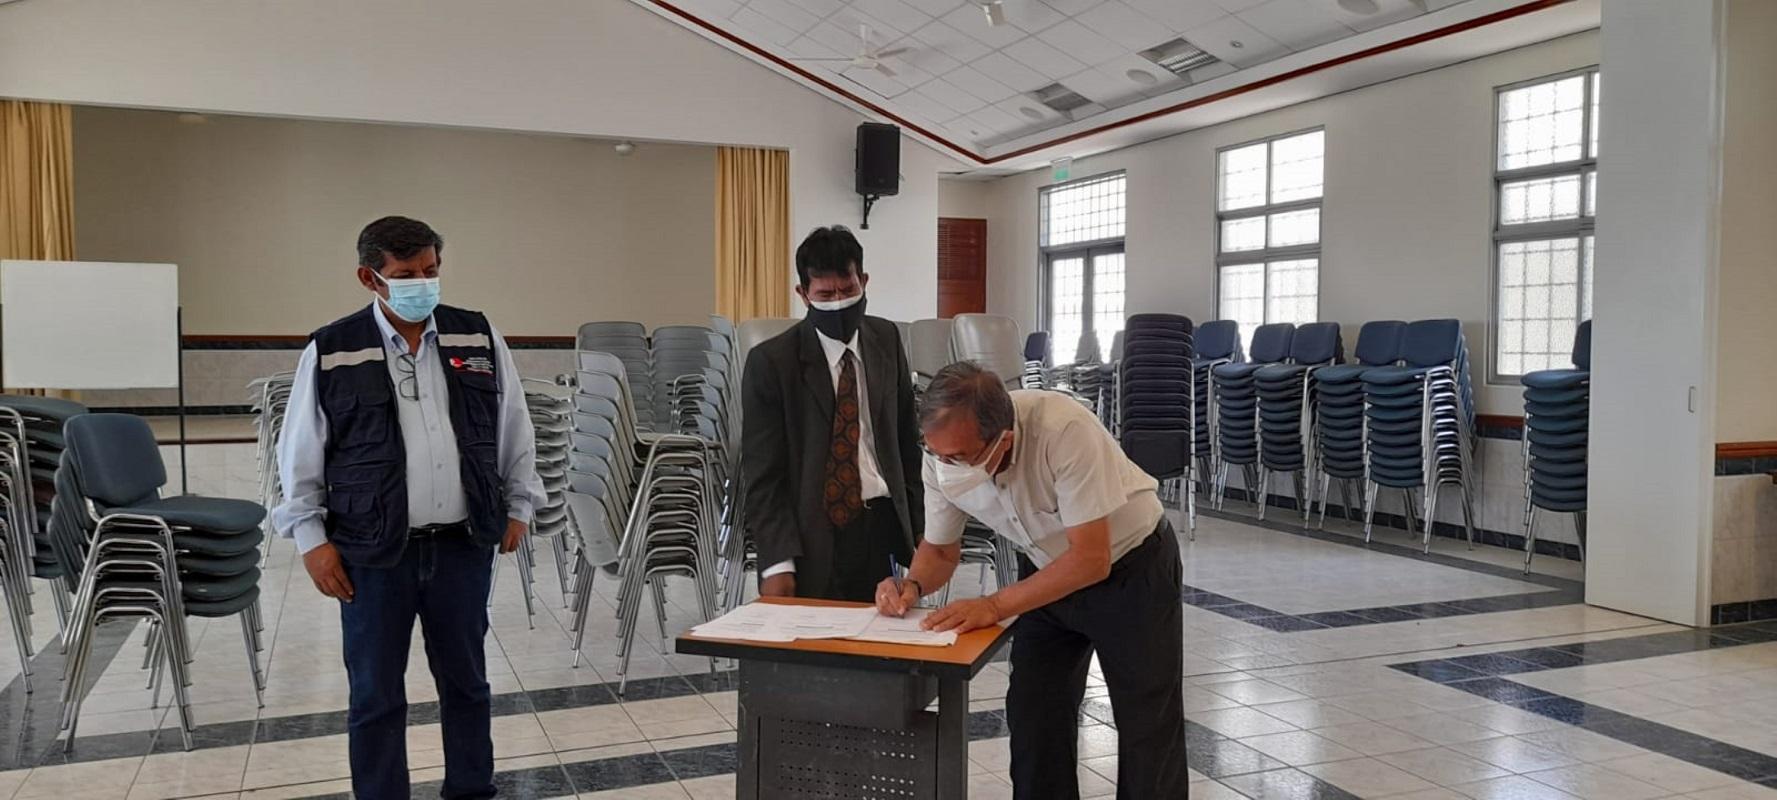 En el norte del Perú, la Municipalidad y centro de salud de Talara recibe donación de muebles de la Iglesia de Jesucristo .